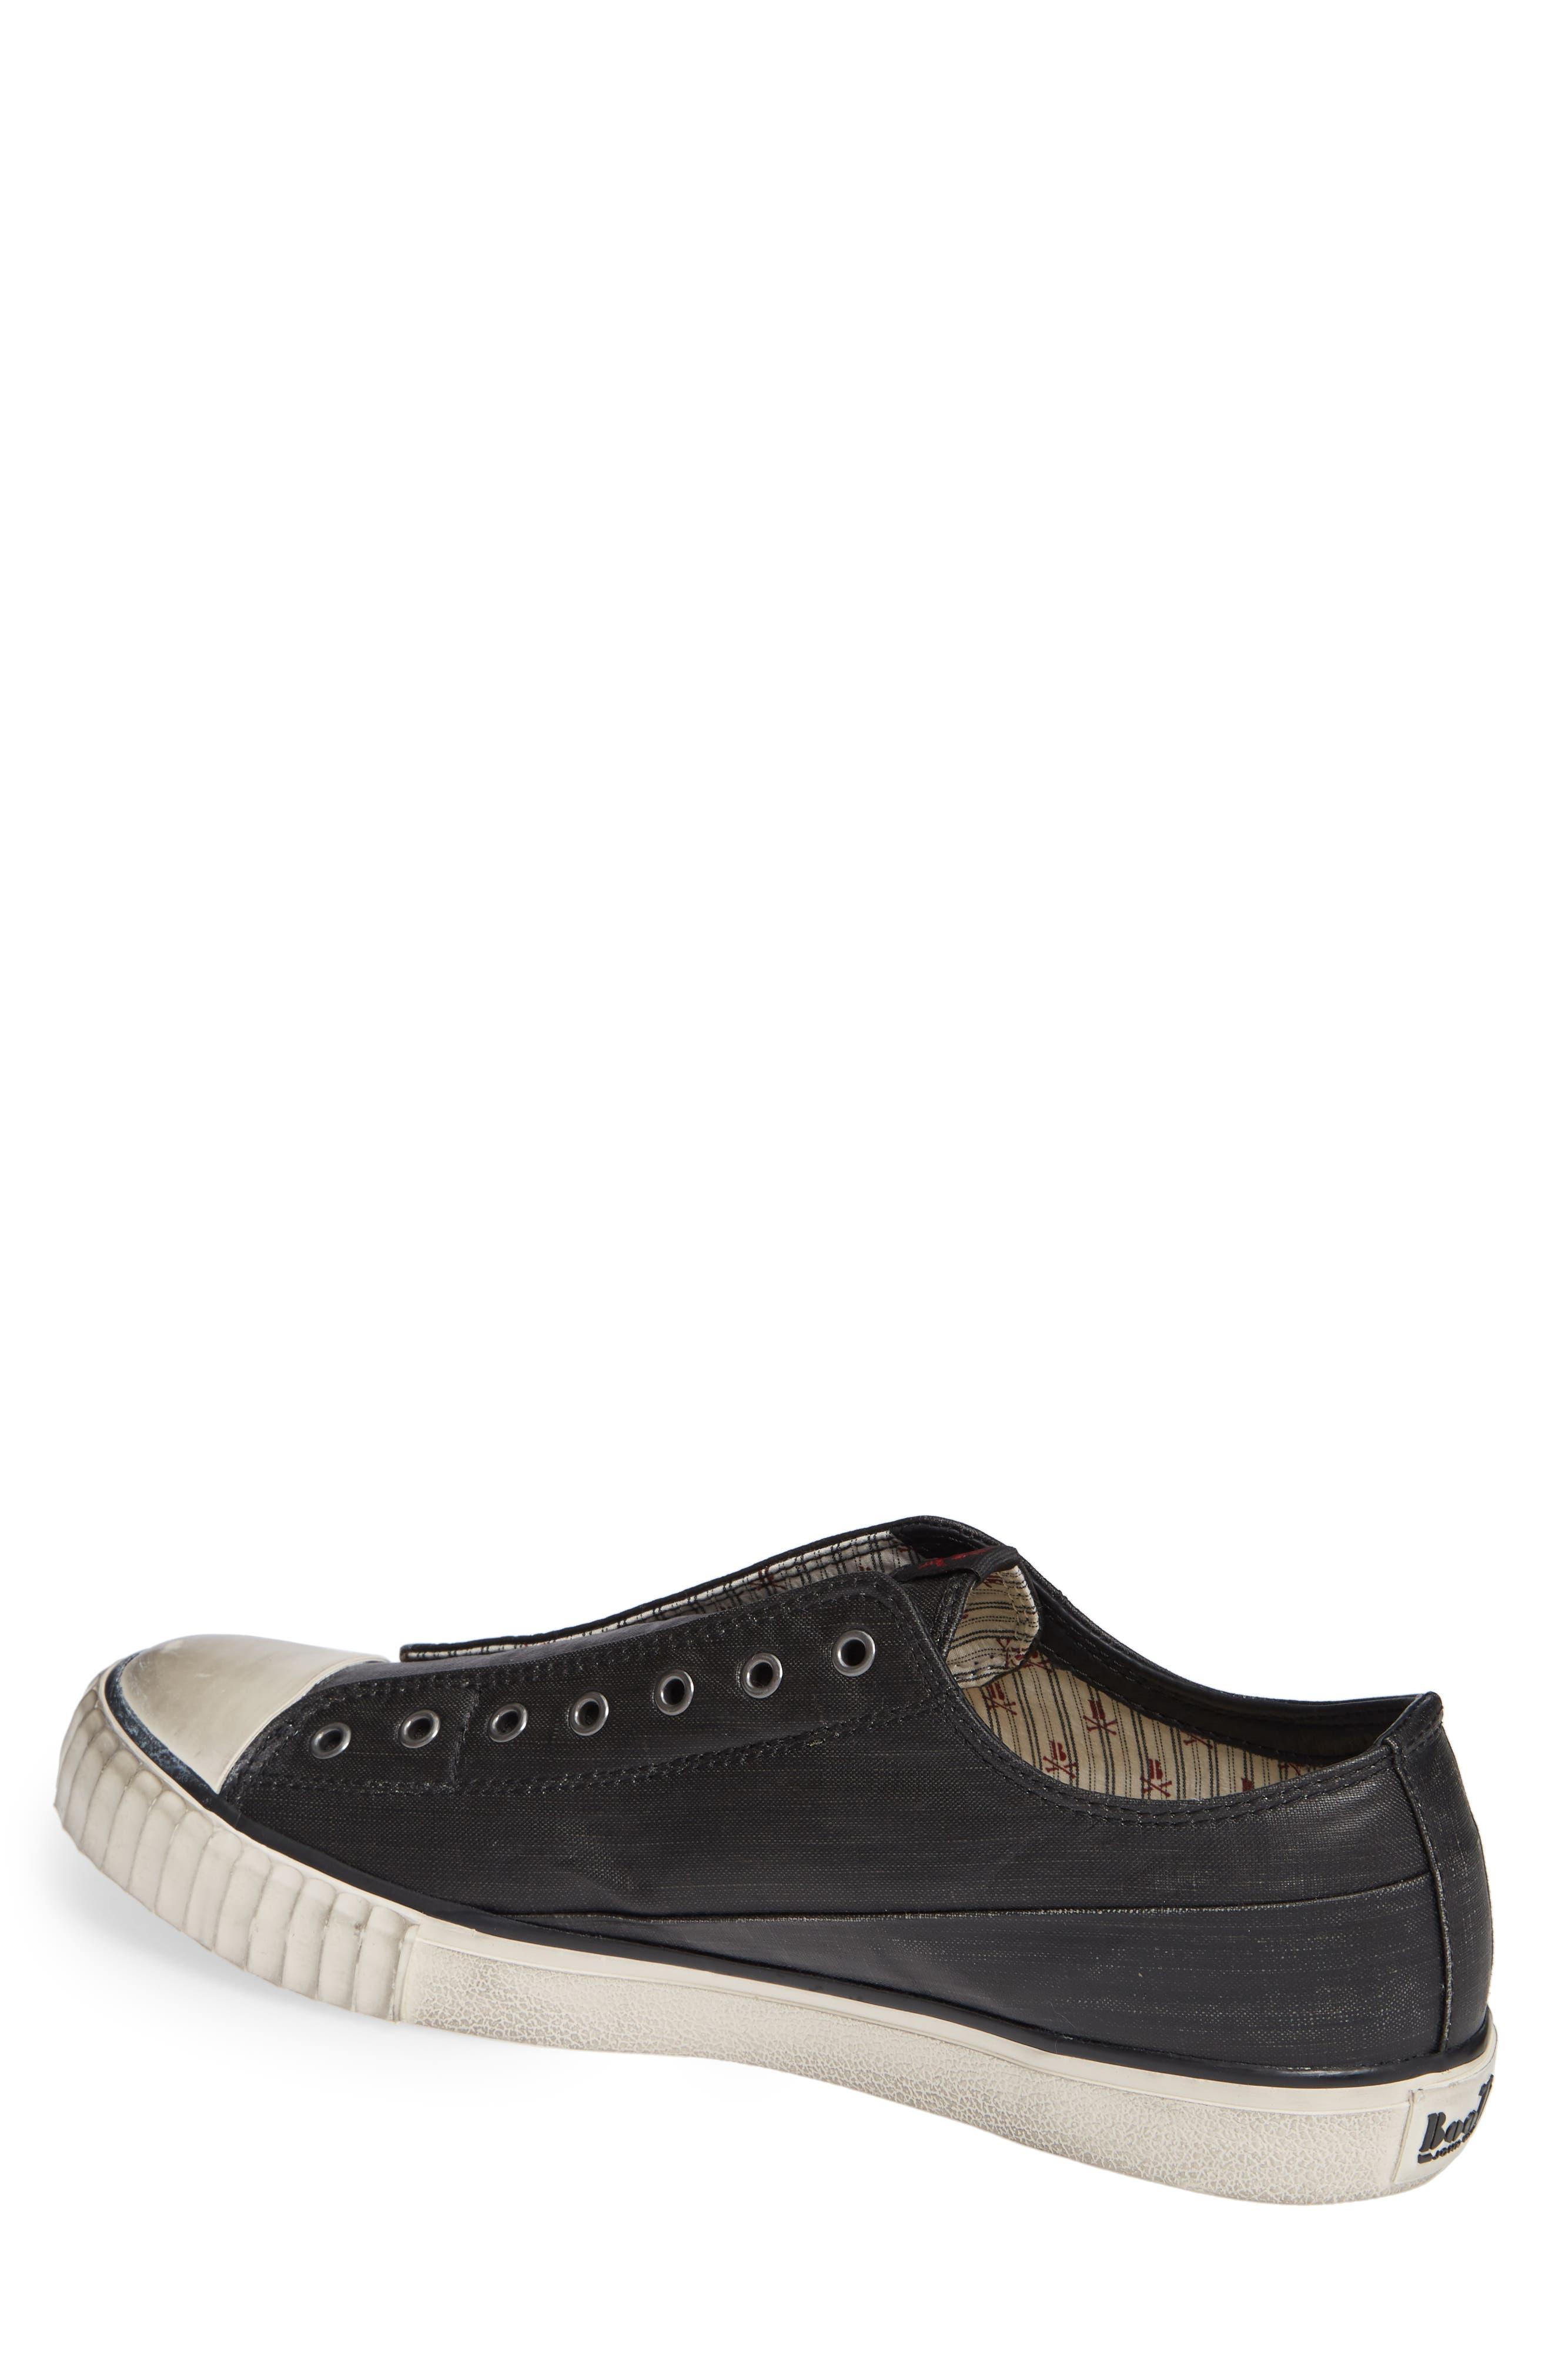 Bootleg Linen Laceless Sneaker,                             Alternate thumbnail 2, color,                             BLACK COATED LINEN